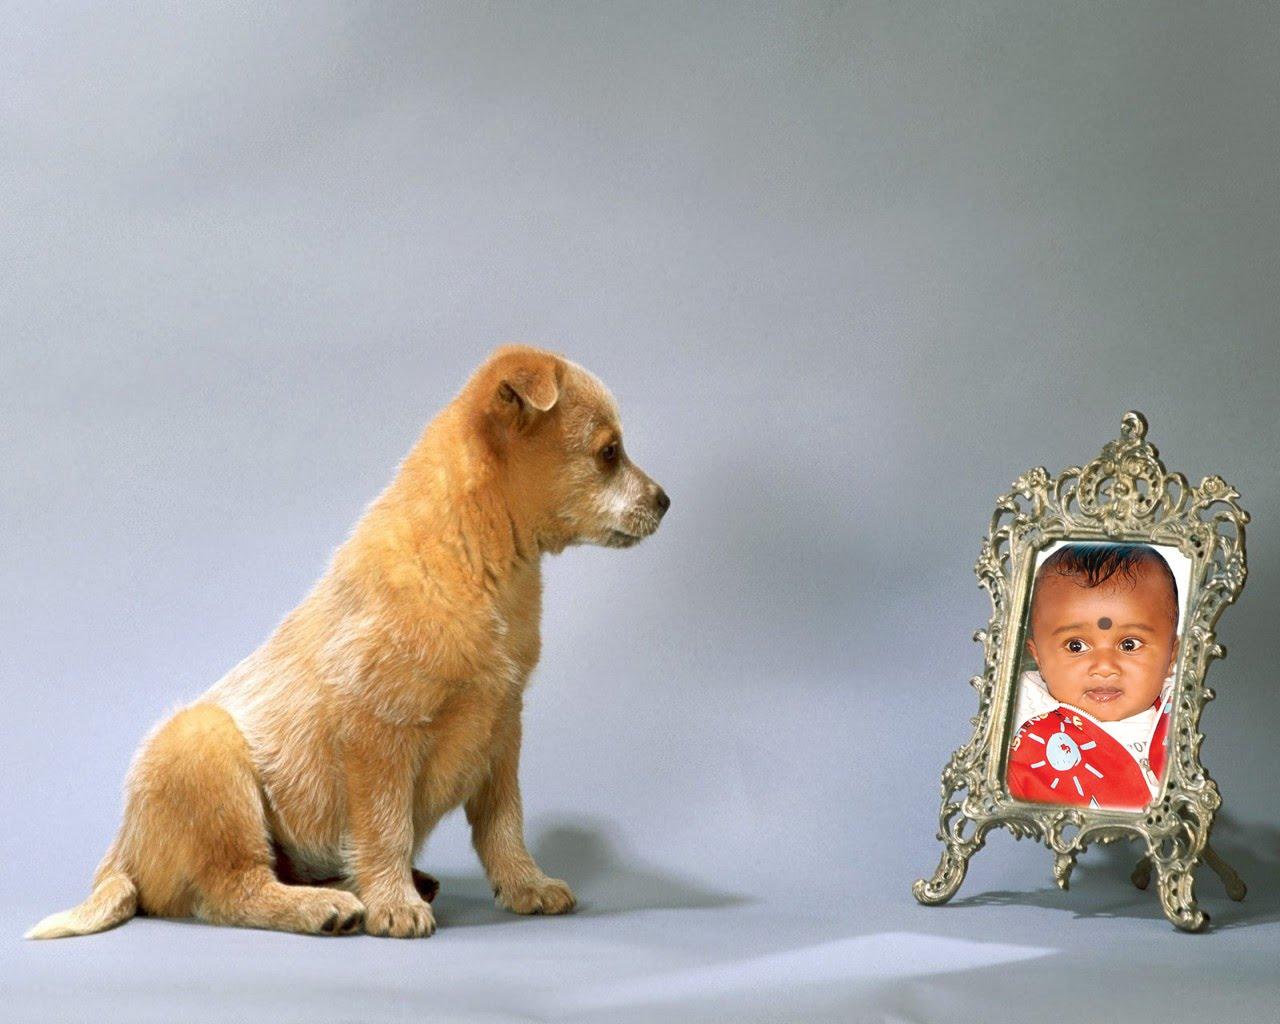 http://4.bp.blogspot.com/_UY2HhhU5rxI/S9GxBrlaqYI/AAAAAAAADbQ/uKBIGJ4ehe4/s1600/Nikhil+Naidu-Dog+Wallpaper.jpg